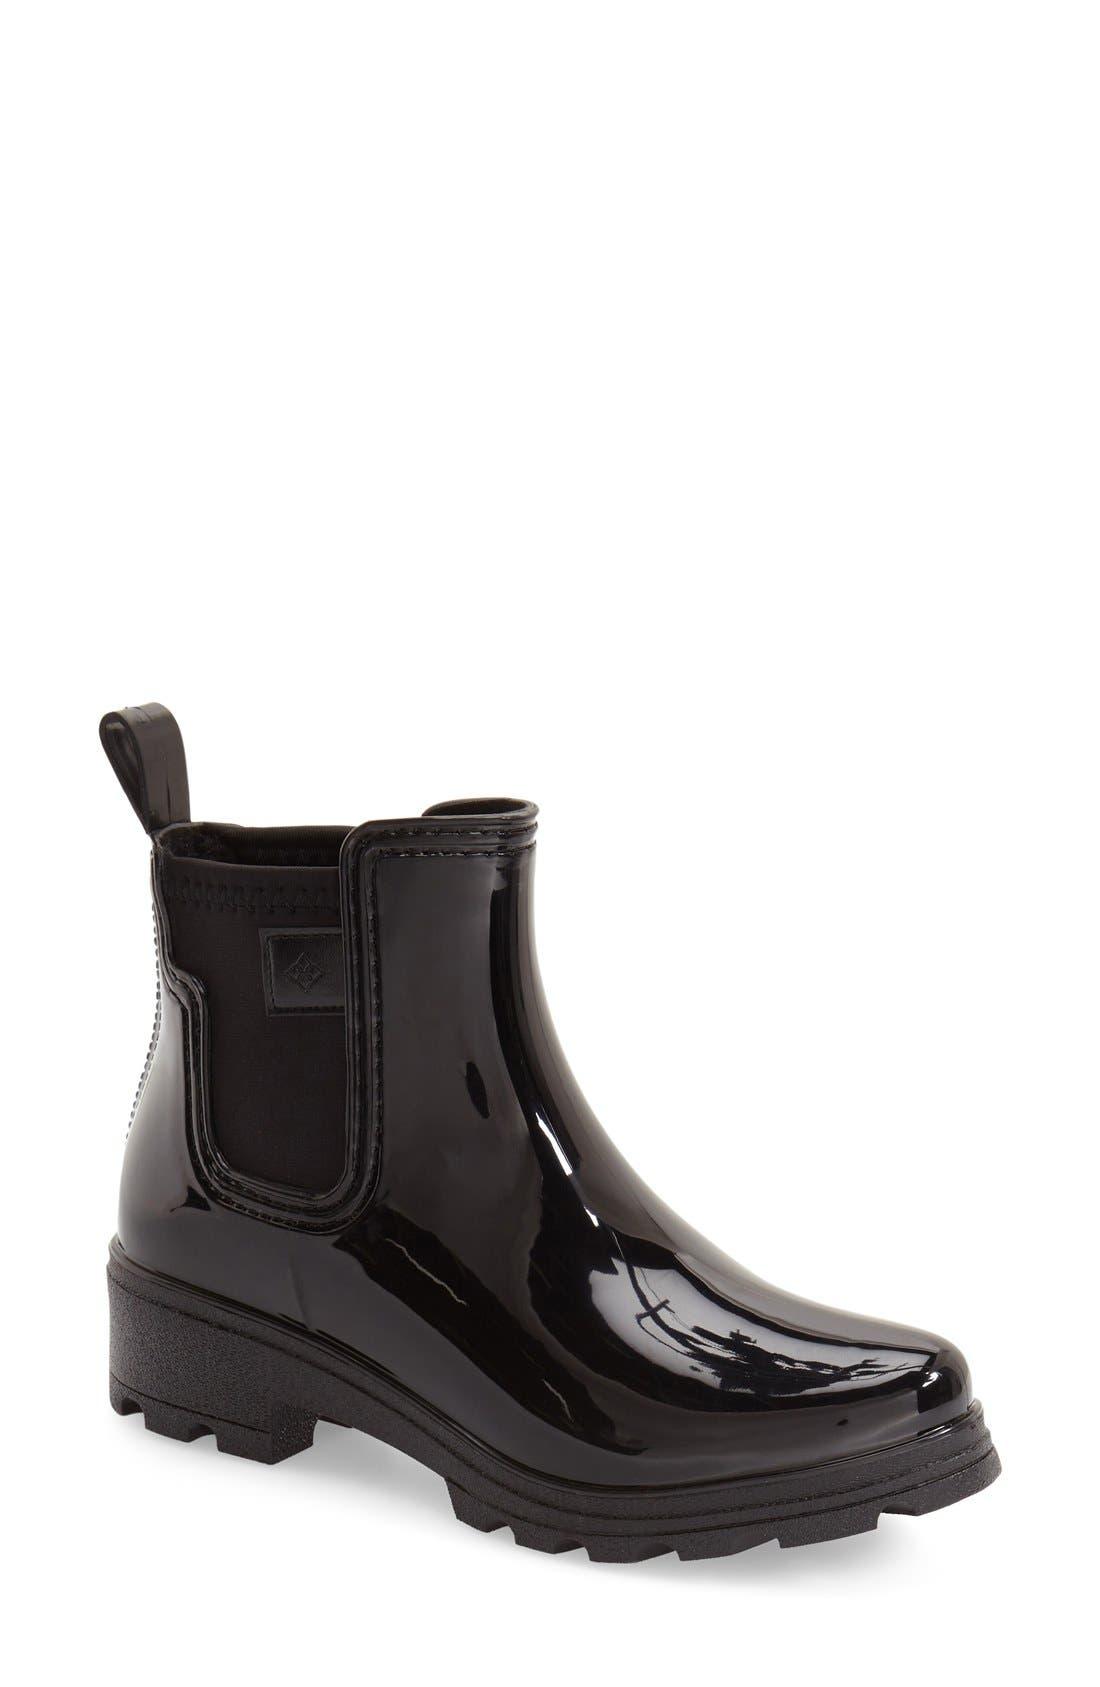 'Prague' Waterproof Chelsea Rain Boot,                         Main,                         color, Black